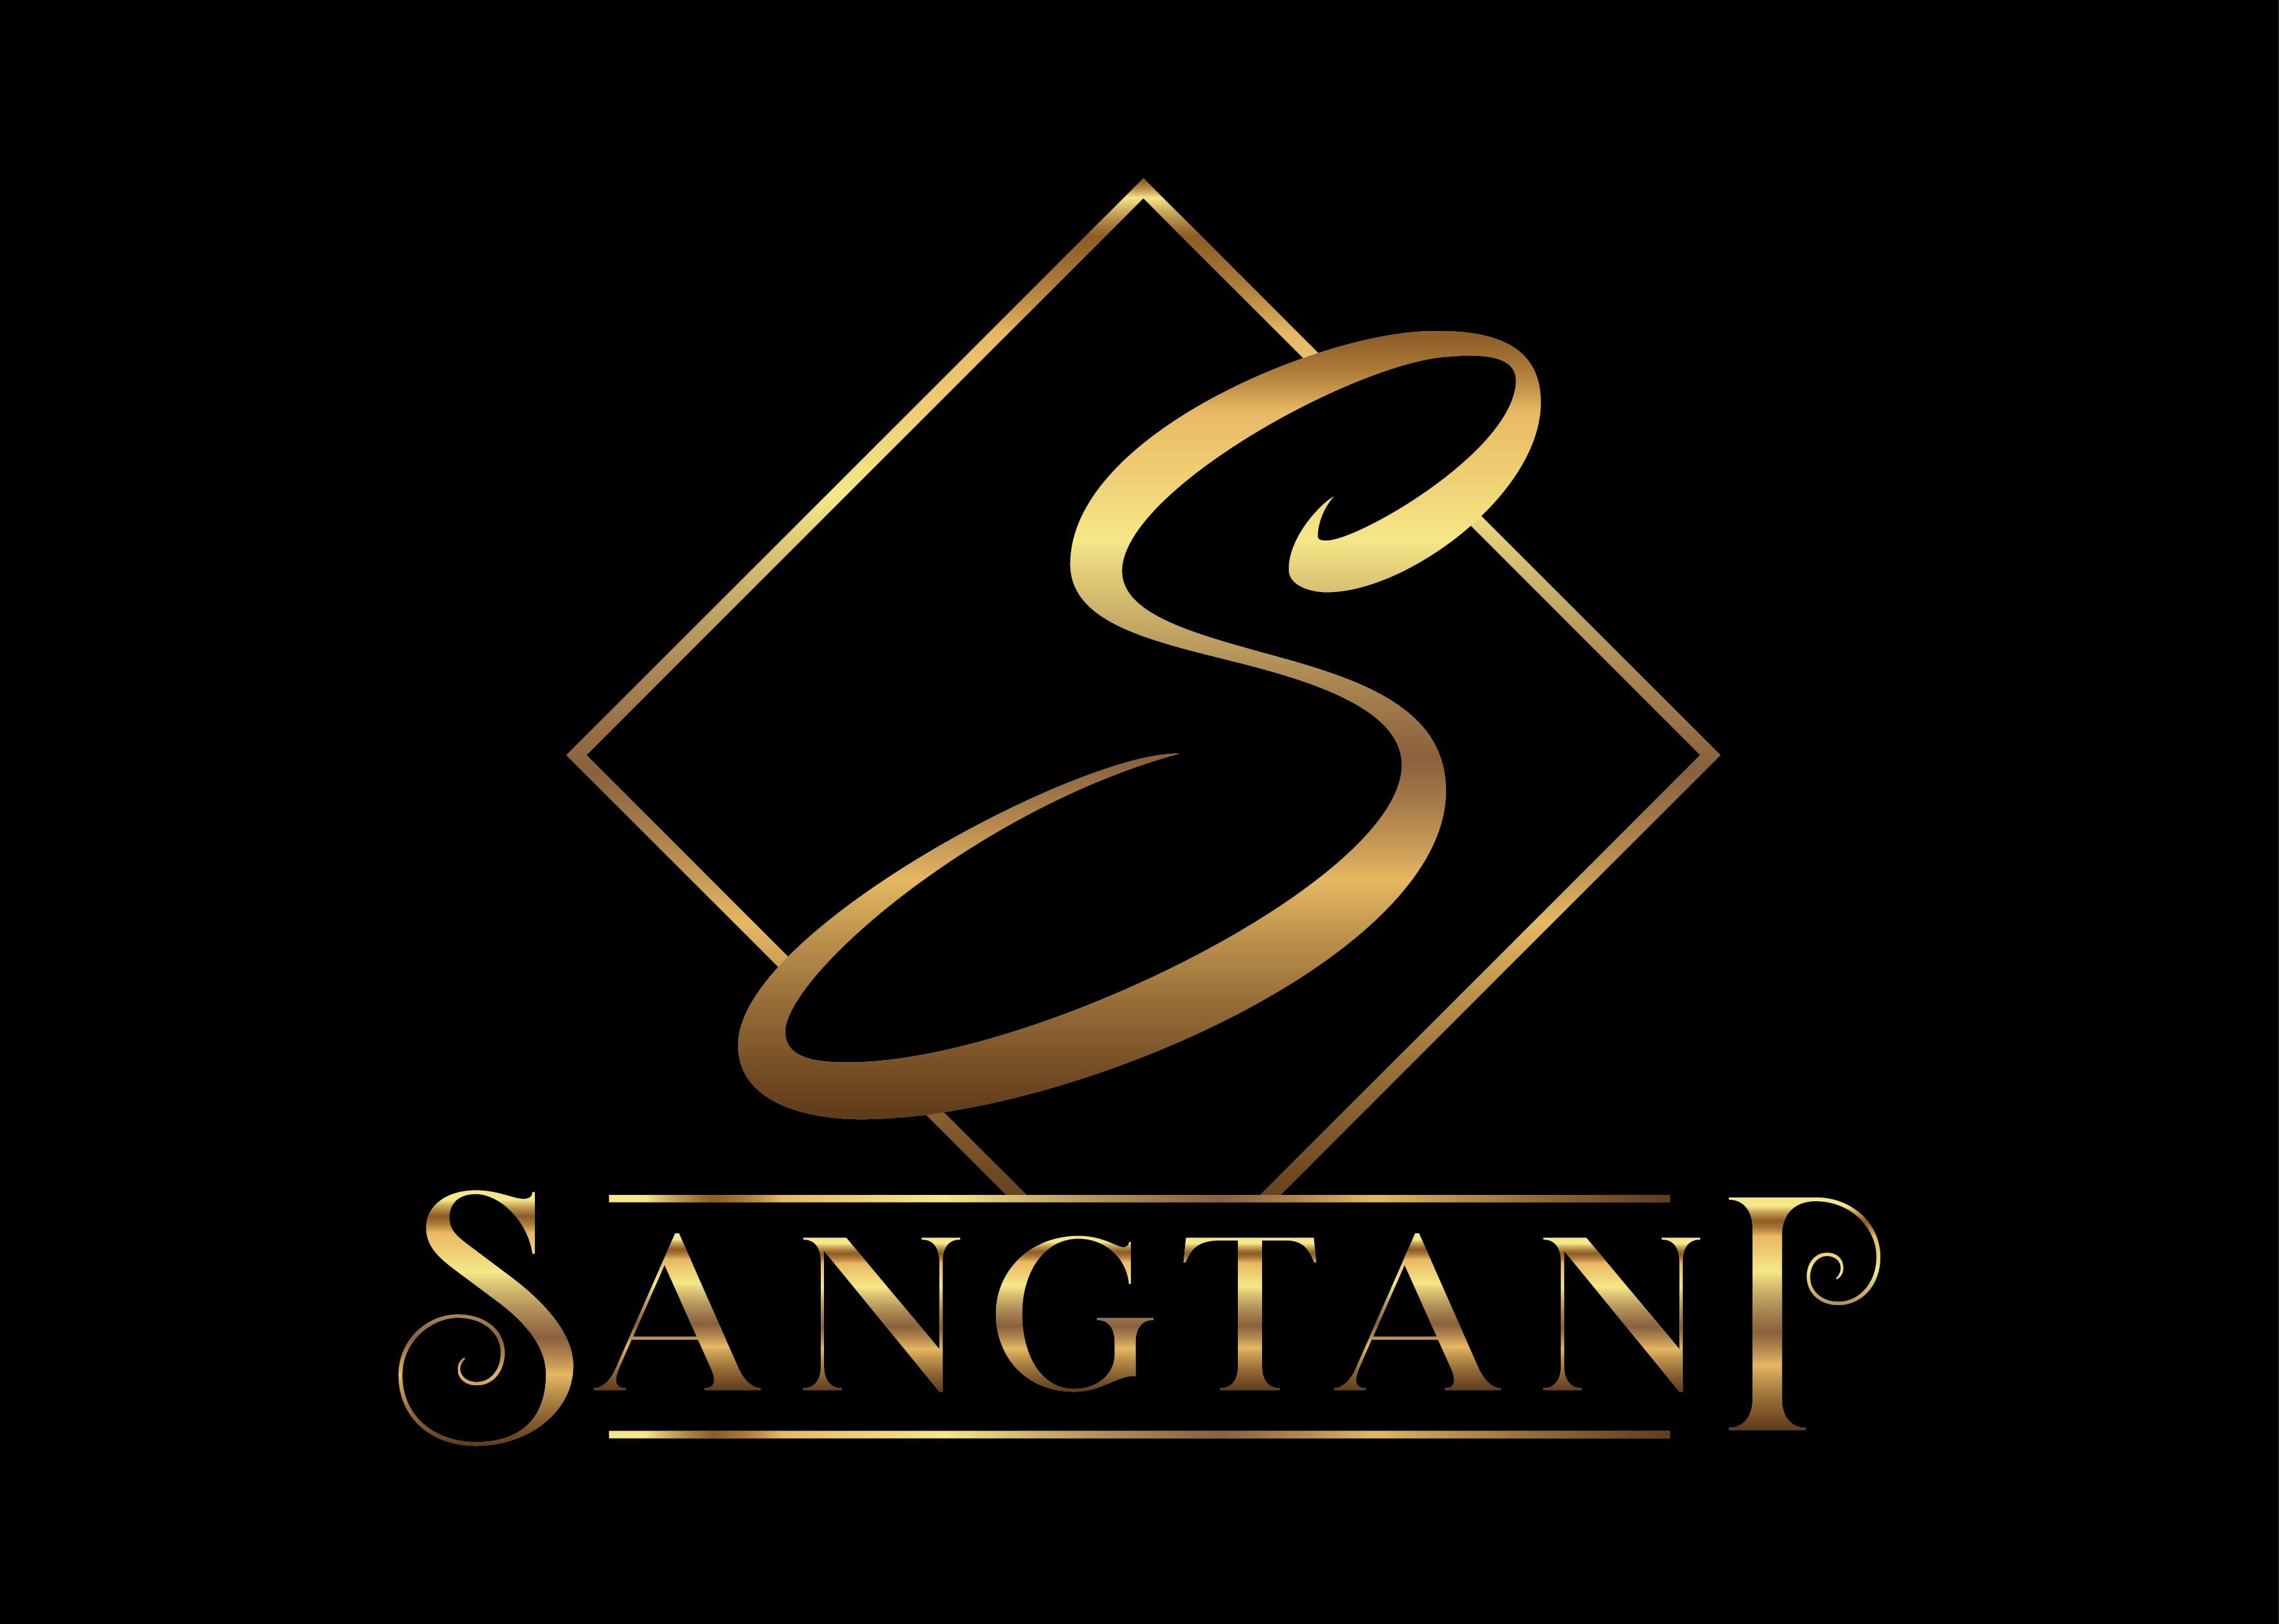 sangtani.com